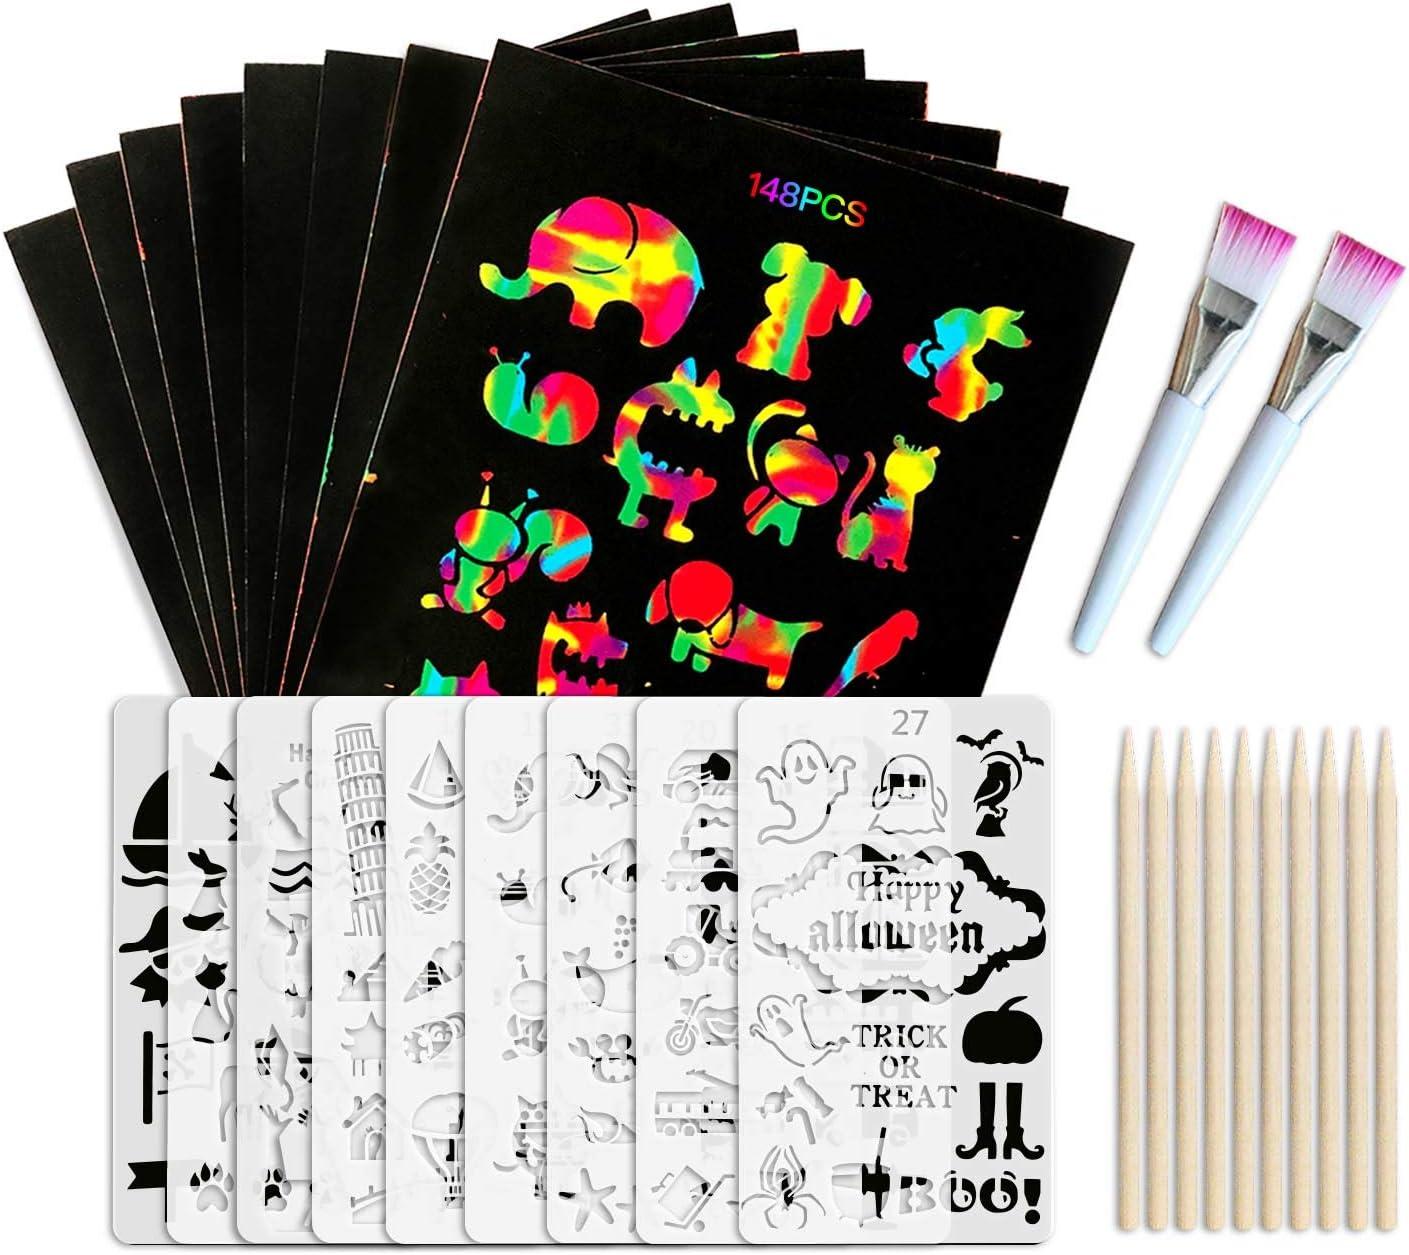 Scratch Paper Popular brand Art Set Max 44% OFF 148 Pcs an Rainbow Magic Off Arts